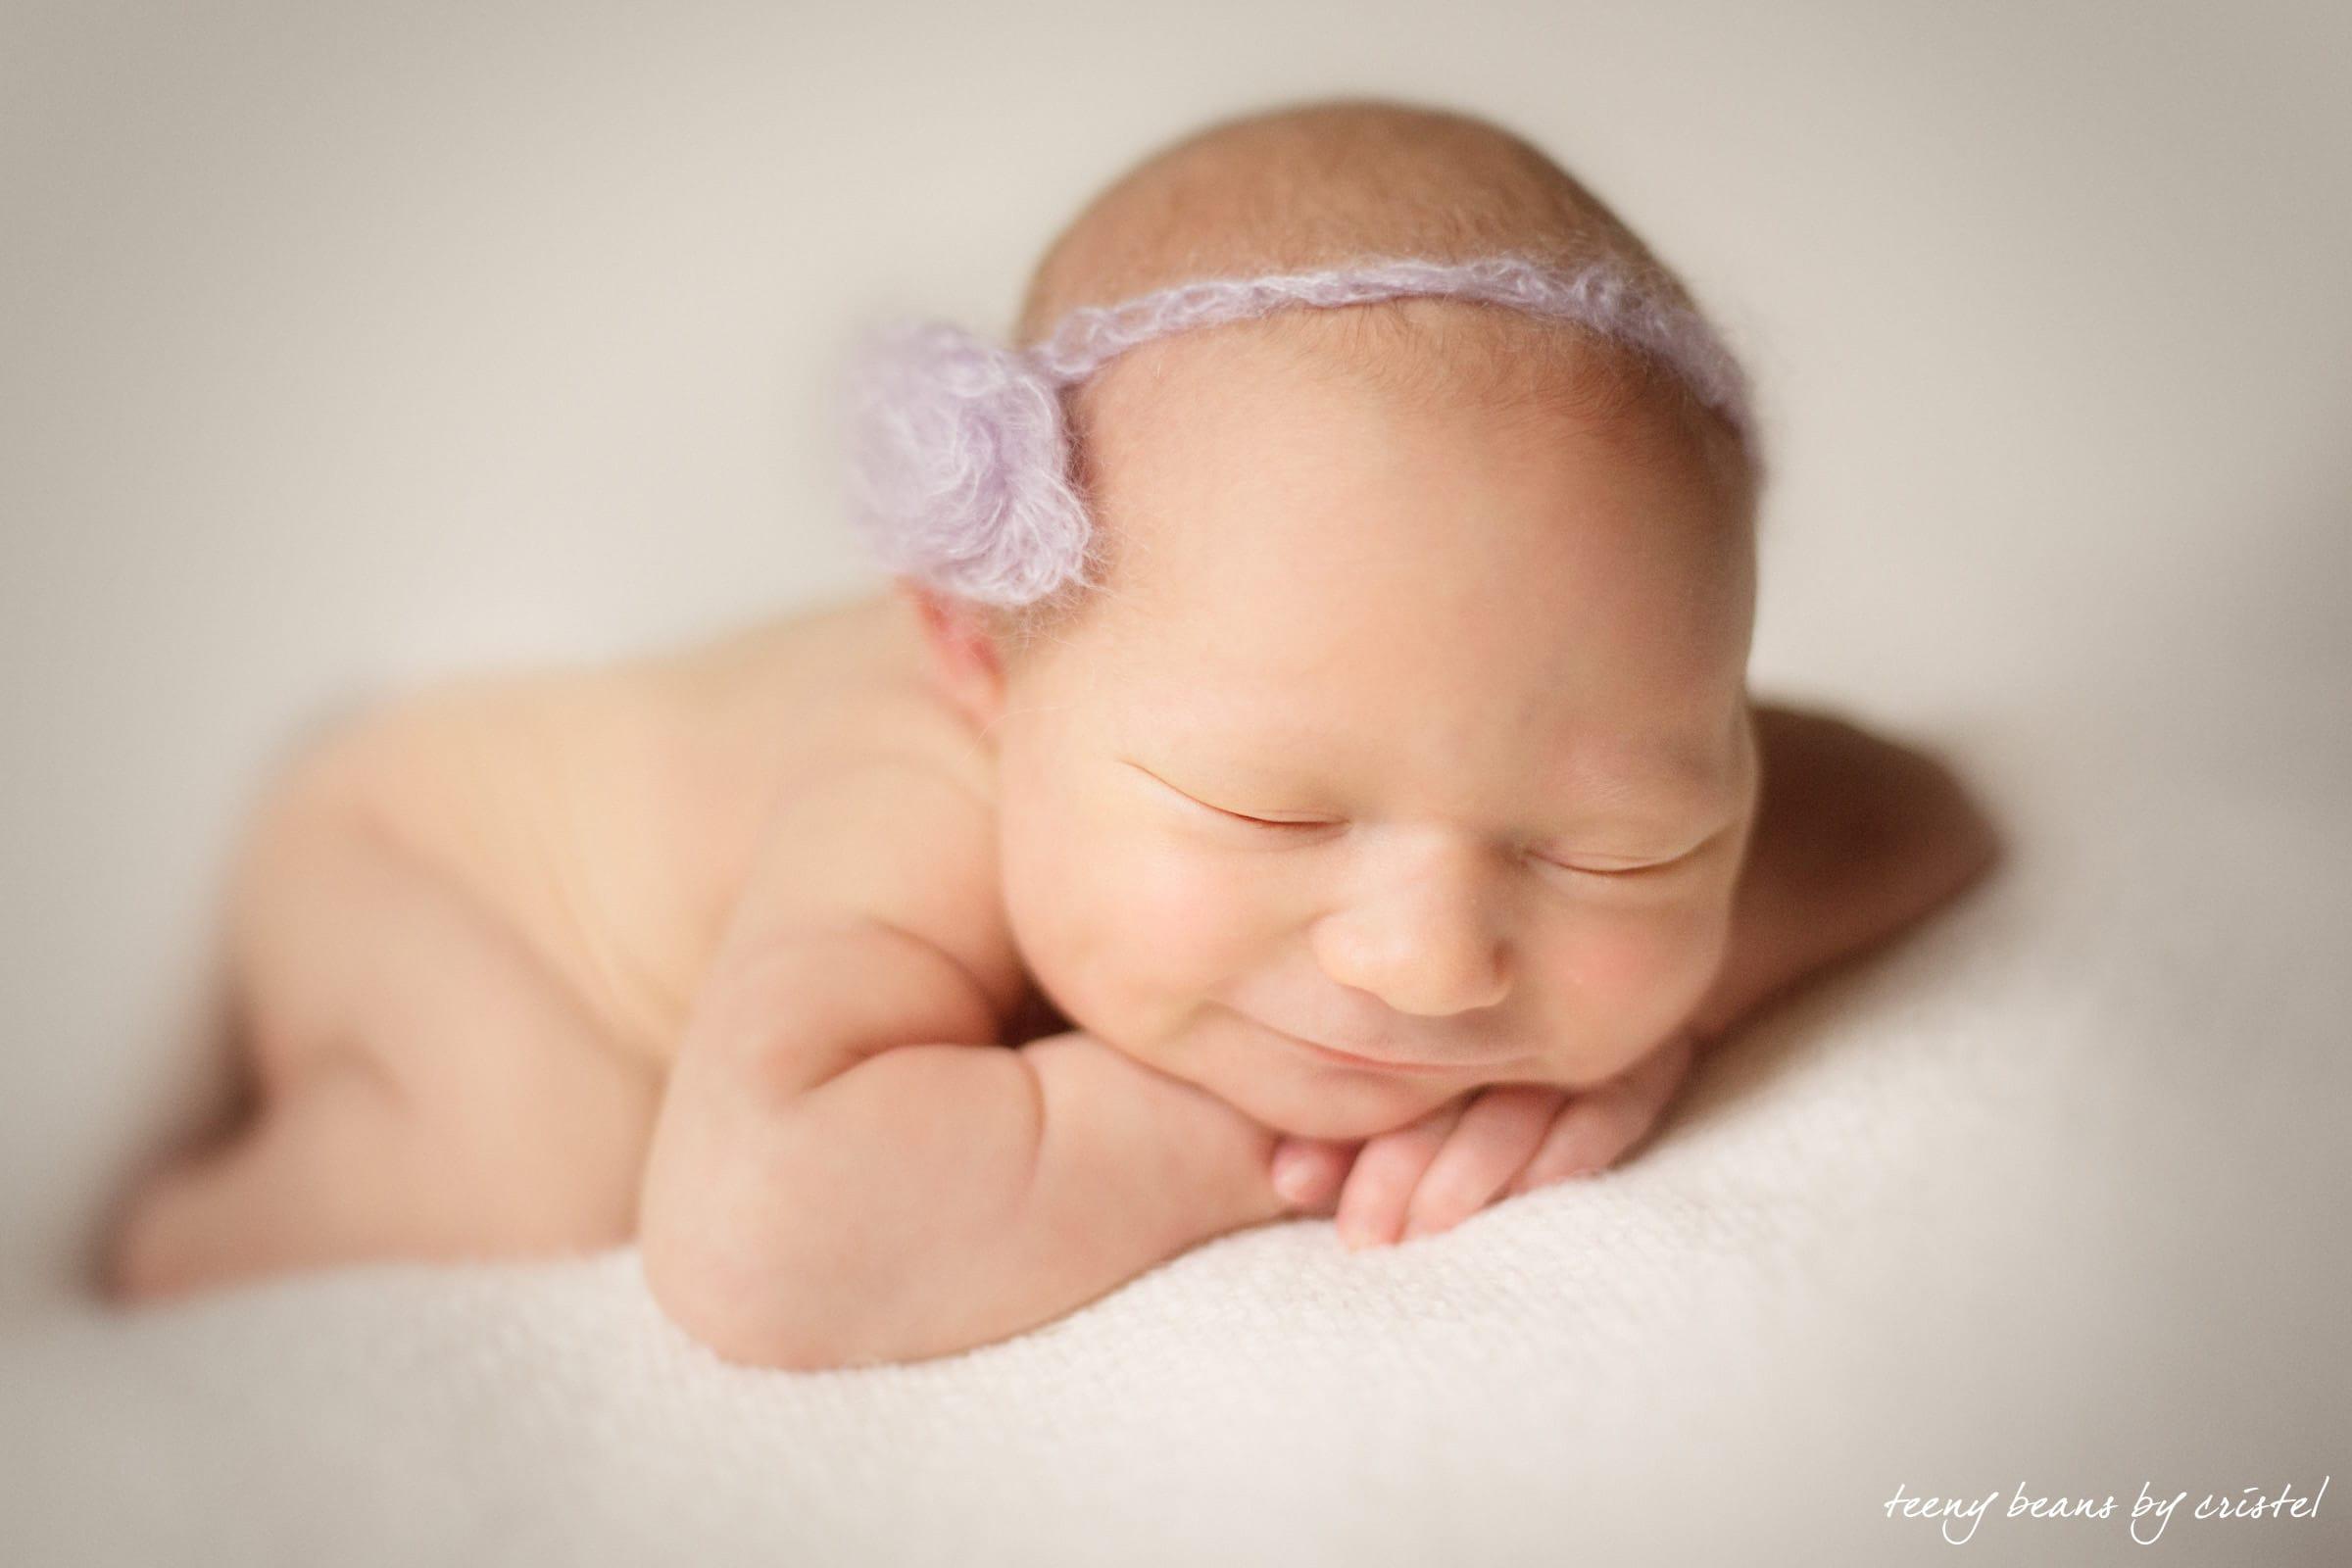 raleigh newborn photographer – baby charlotte